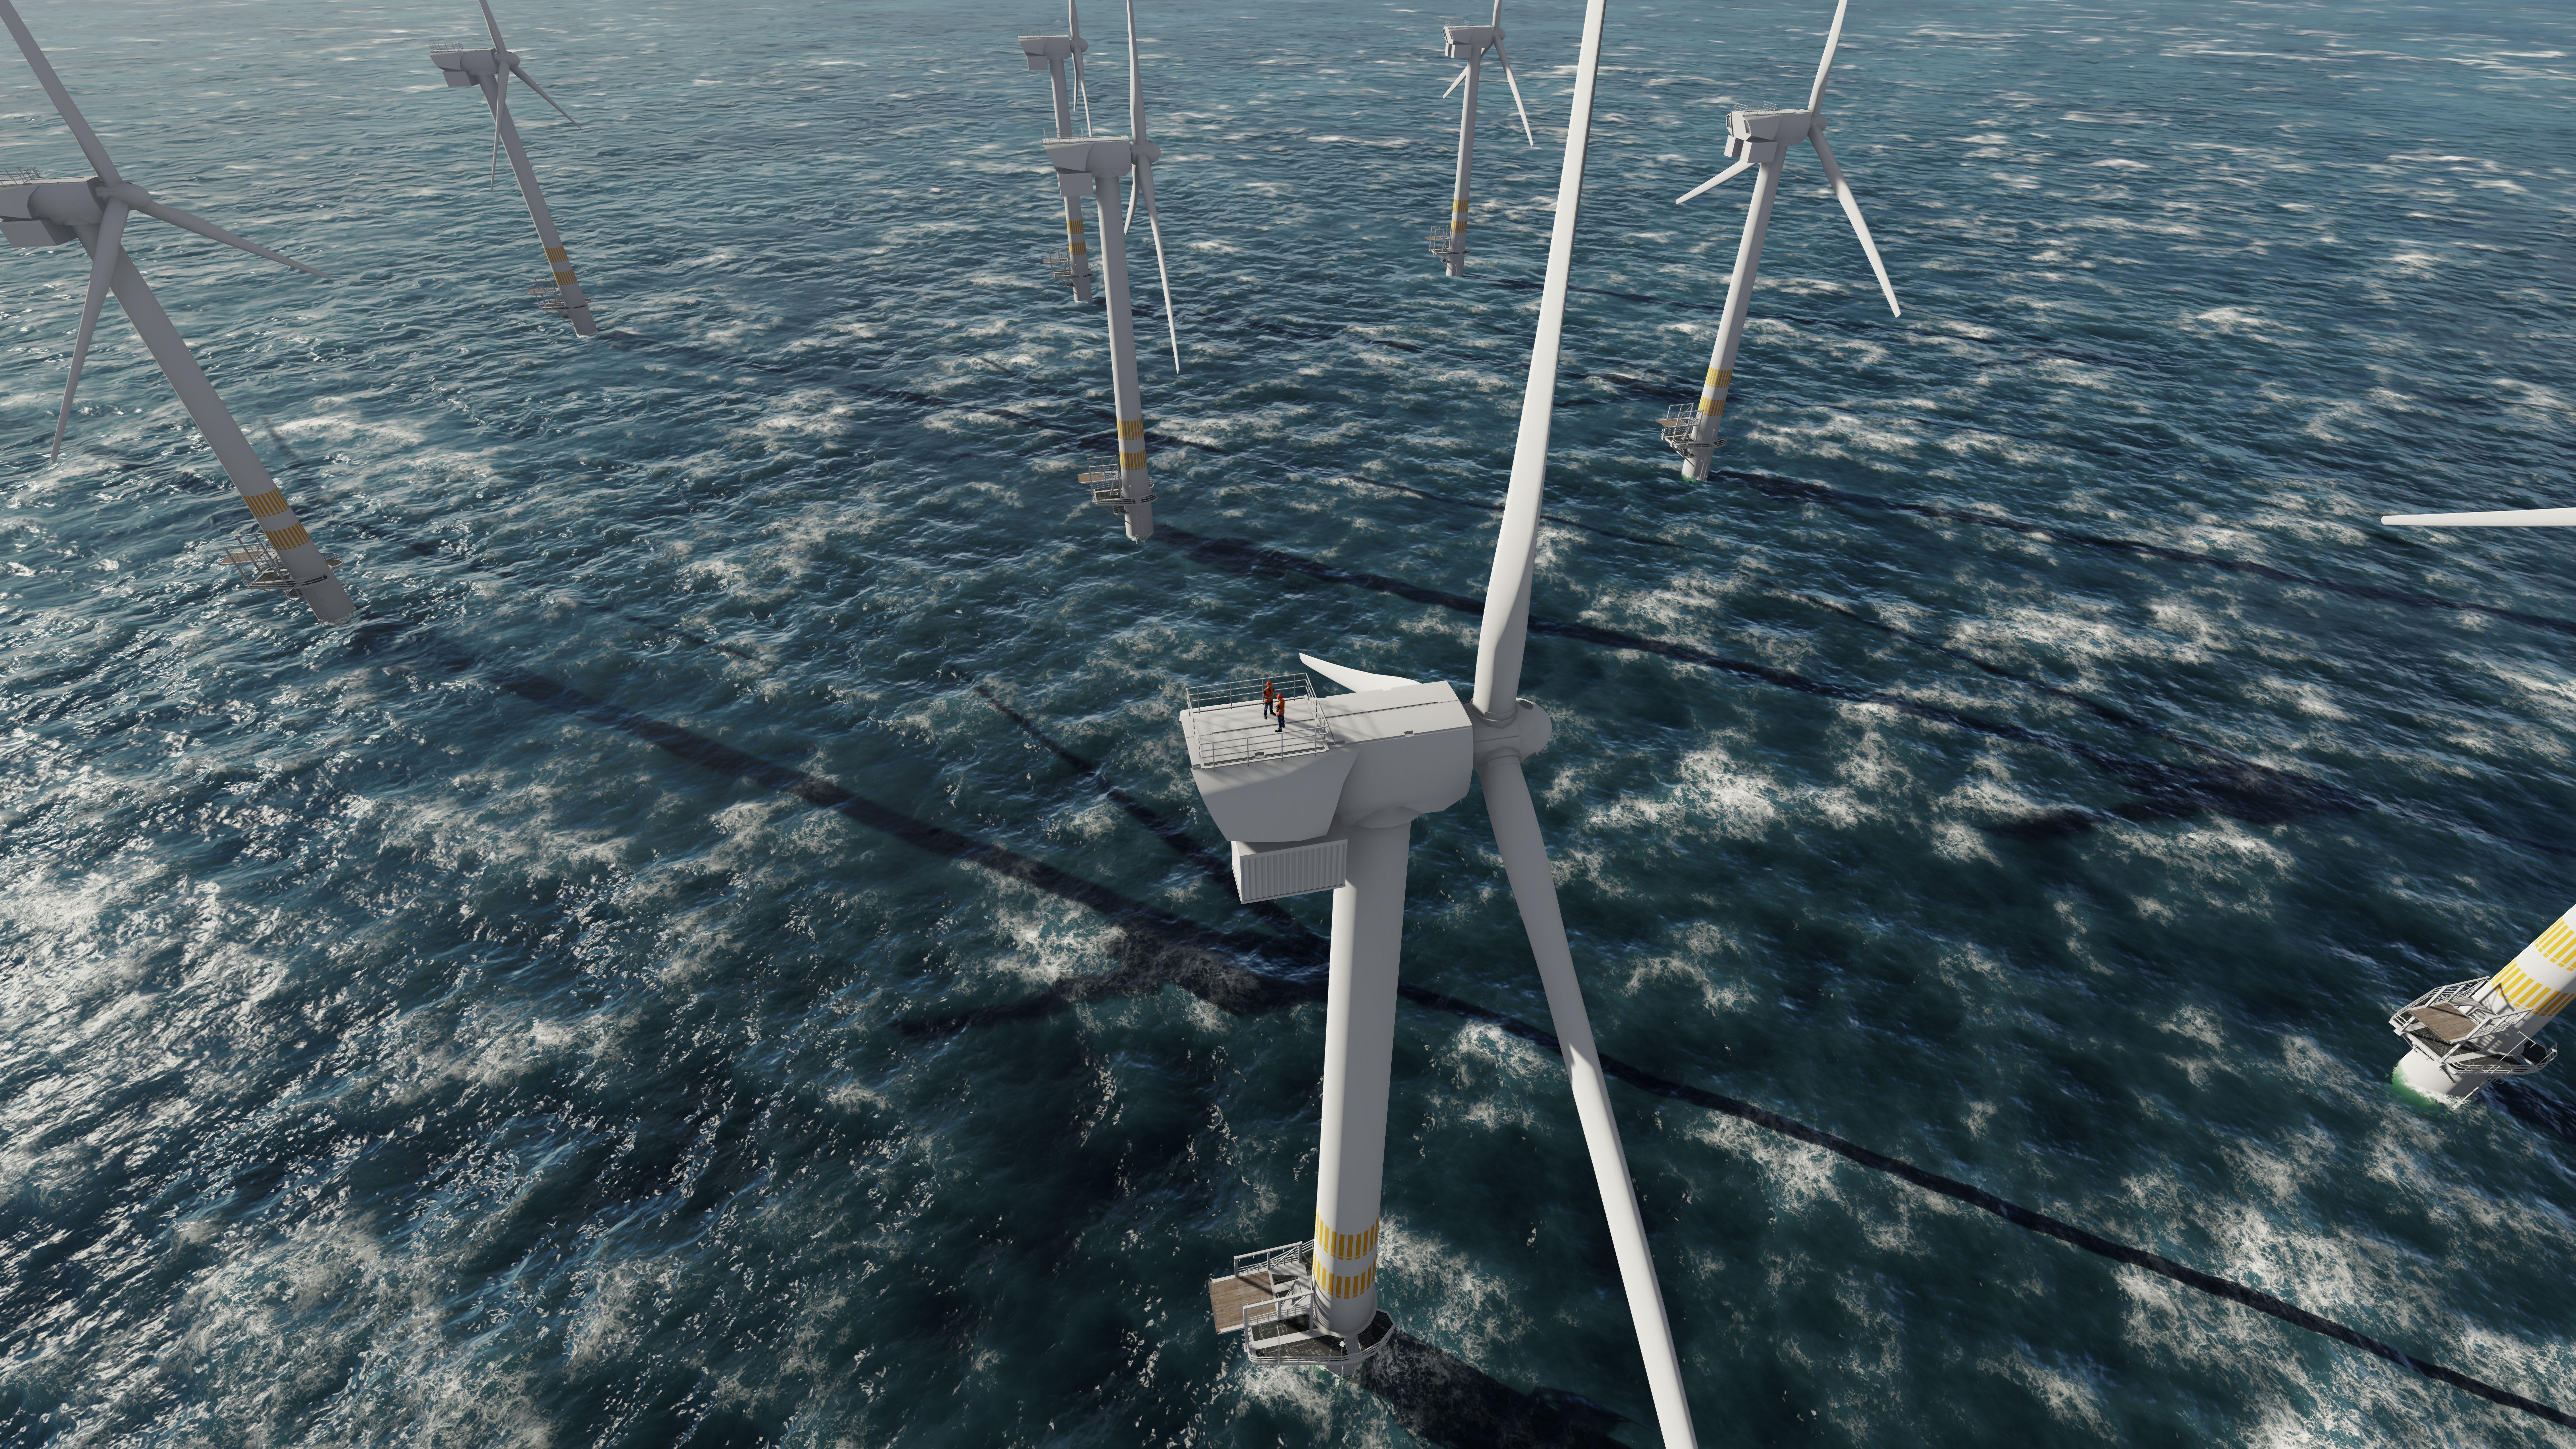 W celu osiągnięcia większego udziału OZE japońskie korporacje domagają się m.in. łatwiejszego dostępu do wód przybrzeżnych i linii brzegowej, które mogą zostać wykorzystane pod budowę farm wiatrowych. Fot. Shutterstock